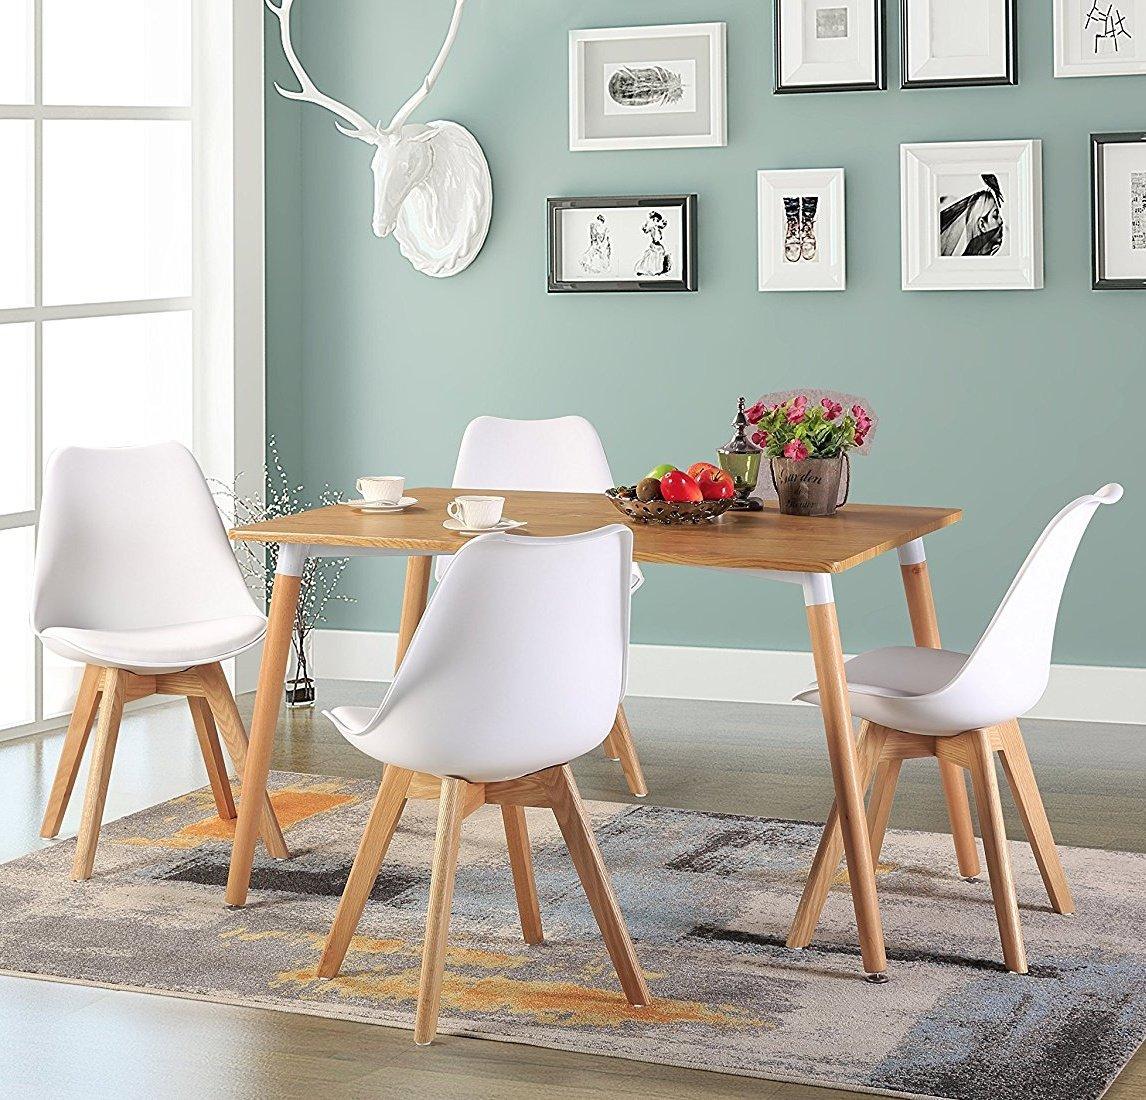 Lot DE 6 Chaise de Cuisine pour Salle à Manger Design scandinave,Chaises Rétro Tulip avec Pieds en Bois de Chêne Massif,Blanc